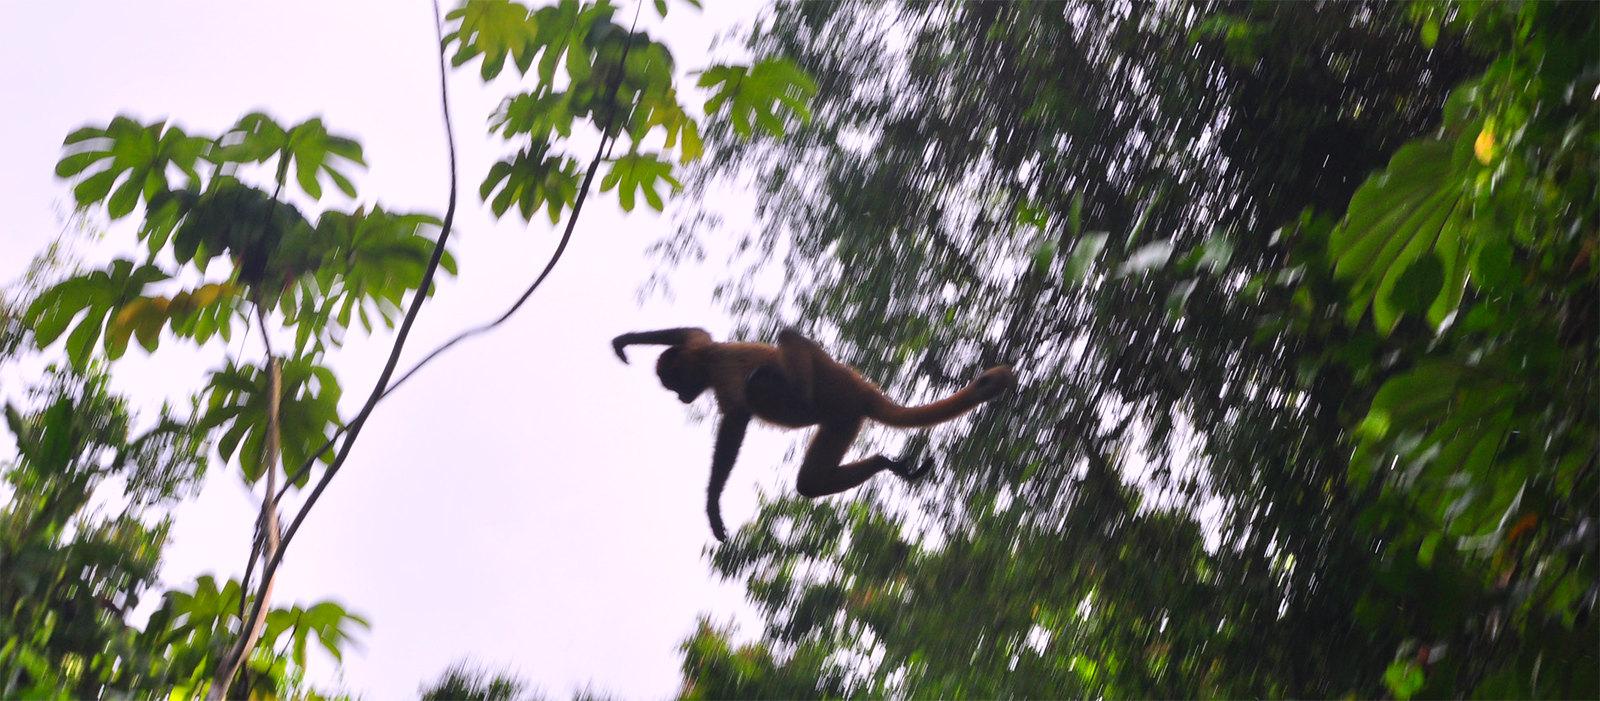 Viajar a Costa Rica / Ruta por Costa Rica en 3 semanas ruta por costa rica - 24377763118 c99f2cd781 h - Ruta por Costa Rica en 3 semanas